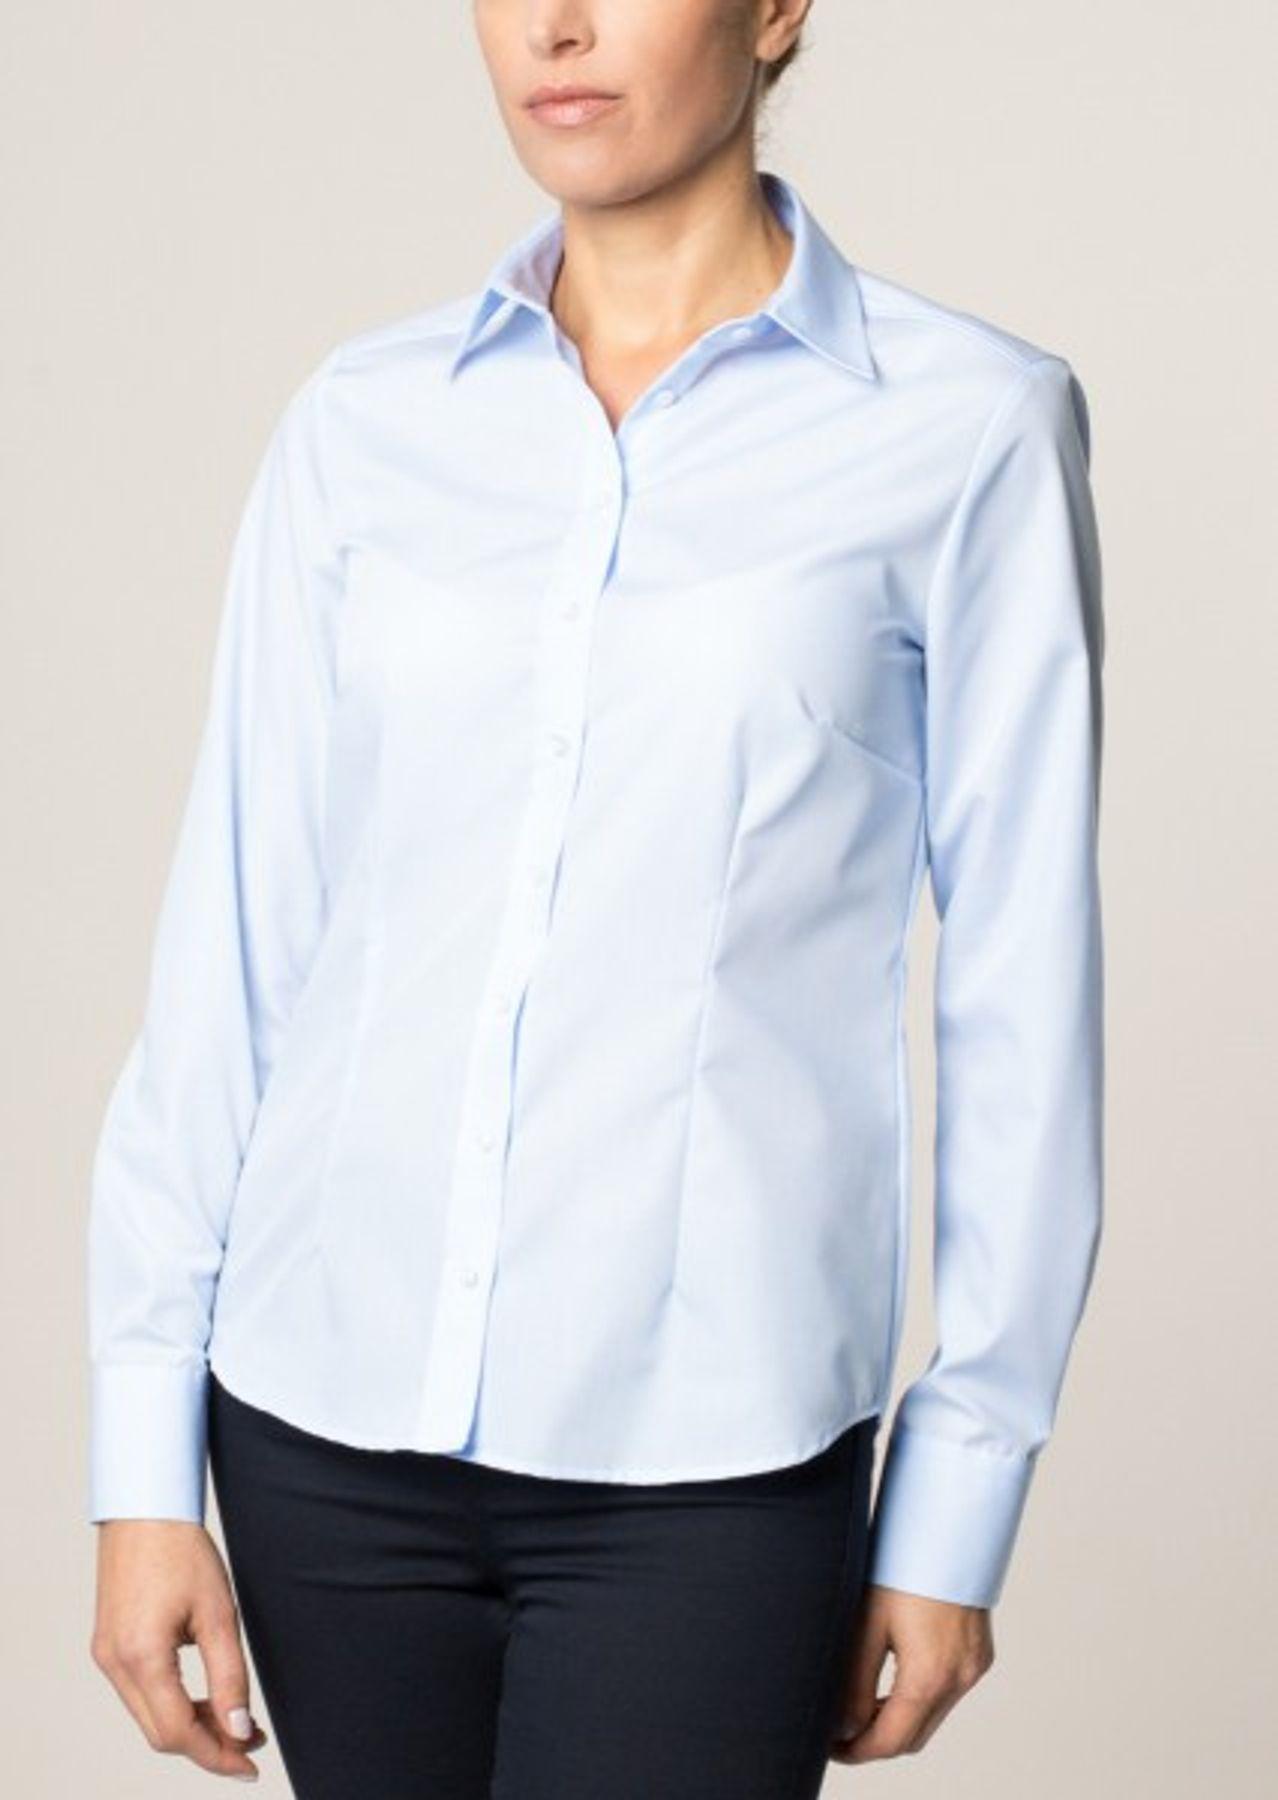 Eterna -  Comfort-Fit - Bügelfreie Damen Langarm - Bluse in Weiß, Blau, Rosè oder Schwarz (5220 D670) – Bild 7